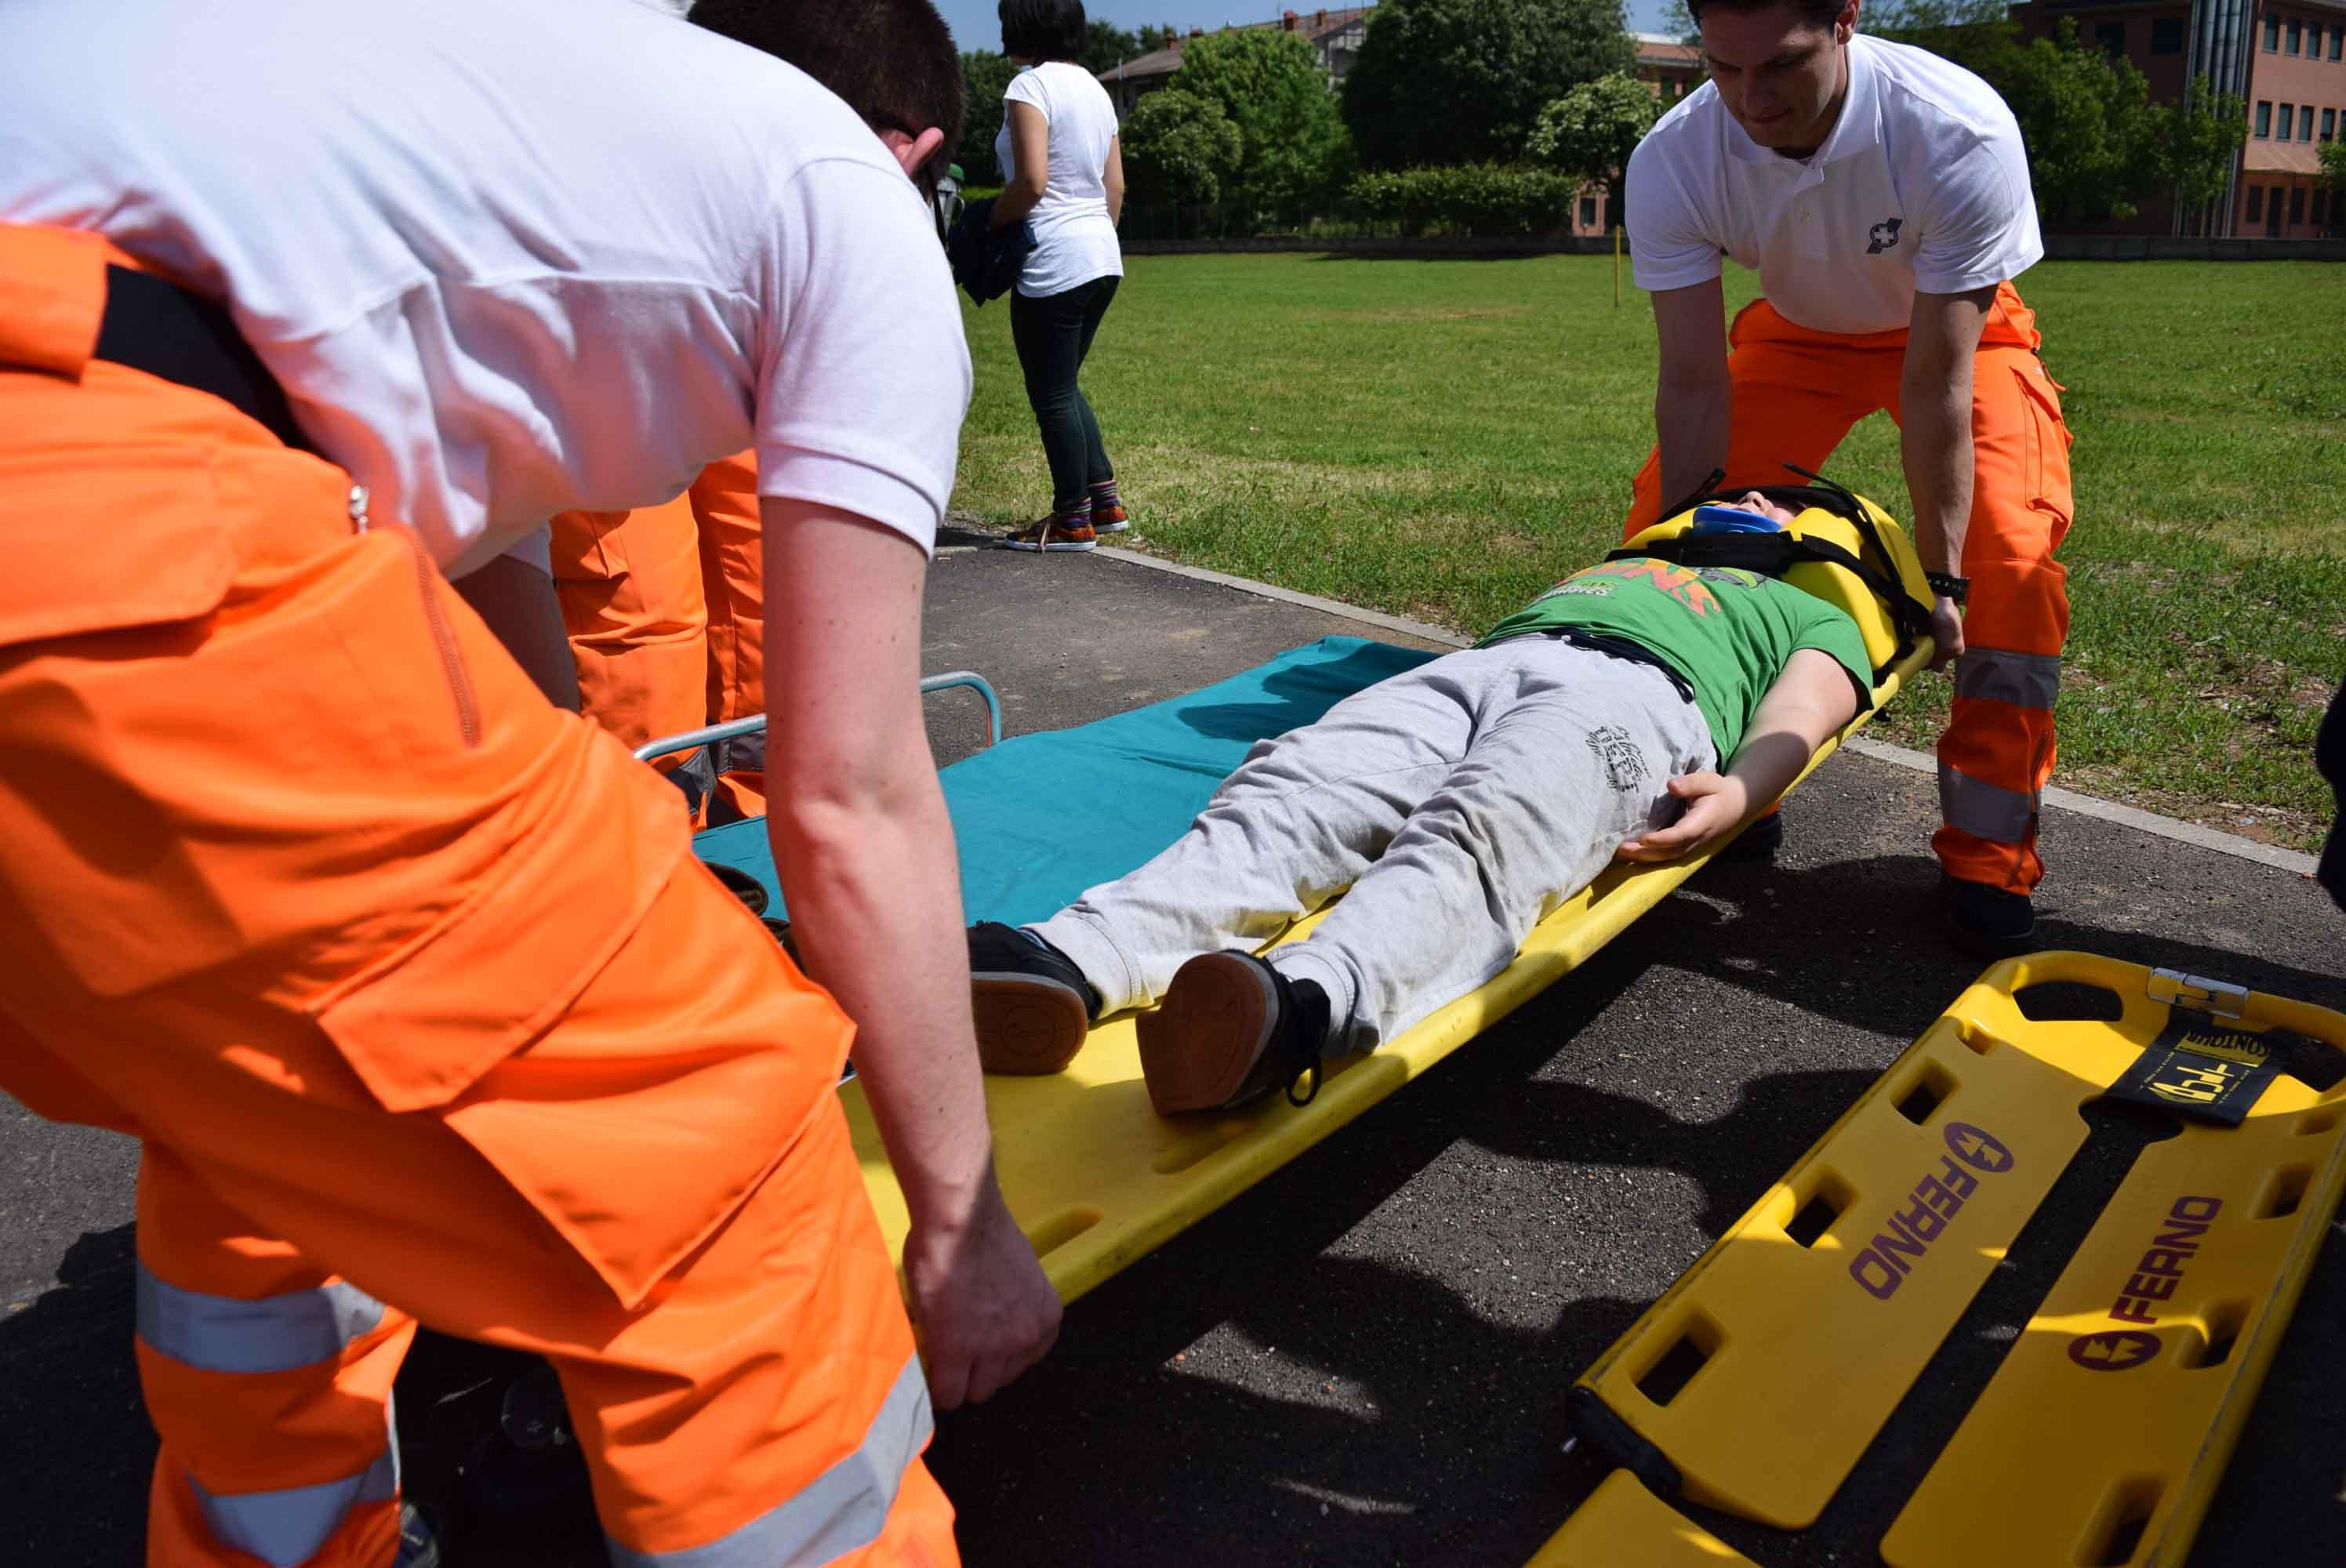 Paciente siendo subido a ambulancia